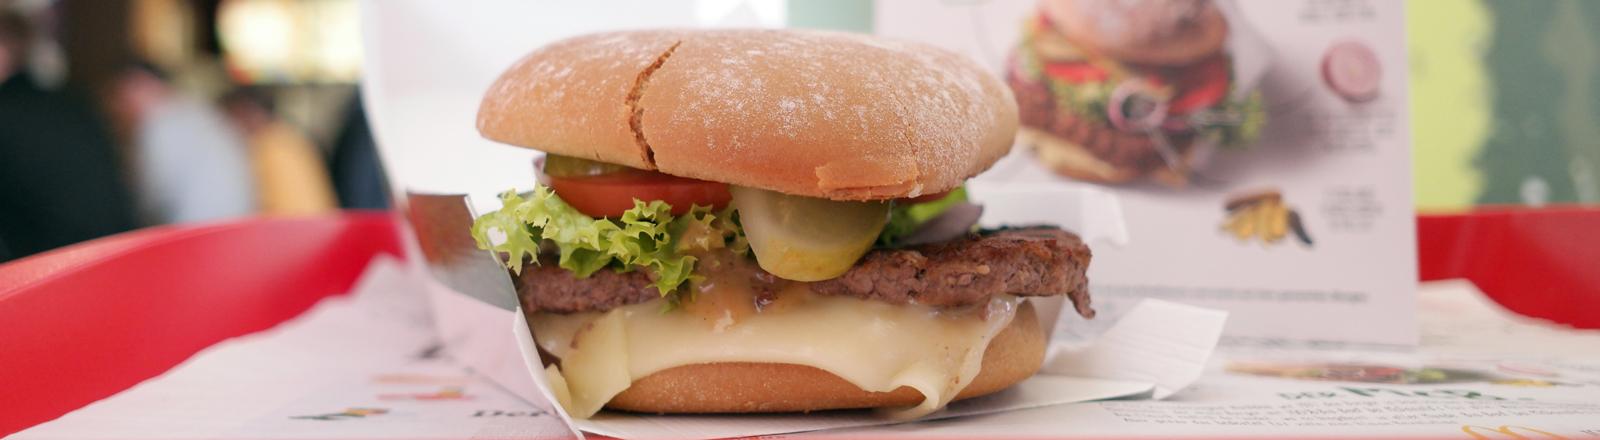 Der Bio-Burger von McDonald's